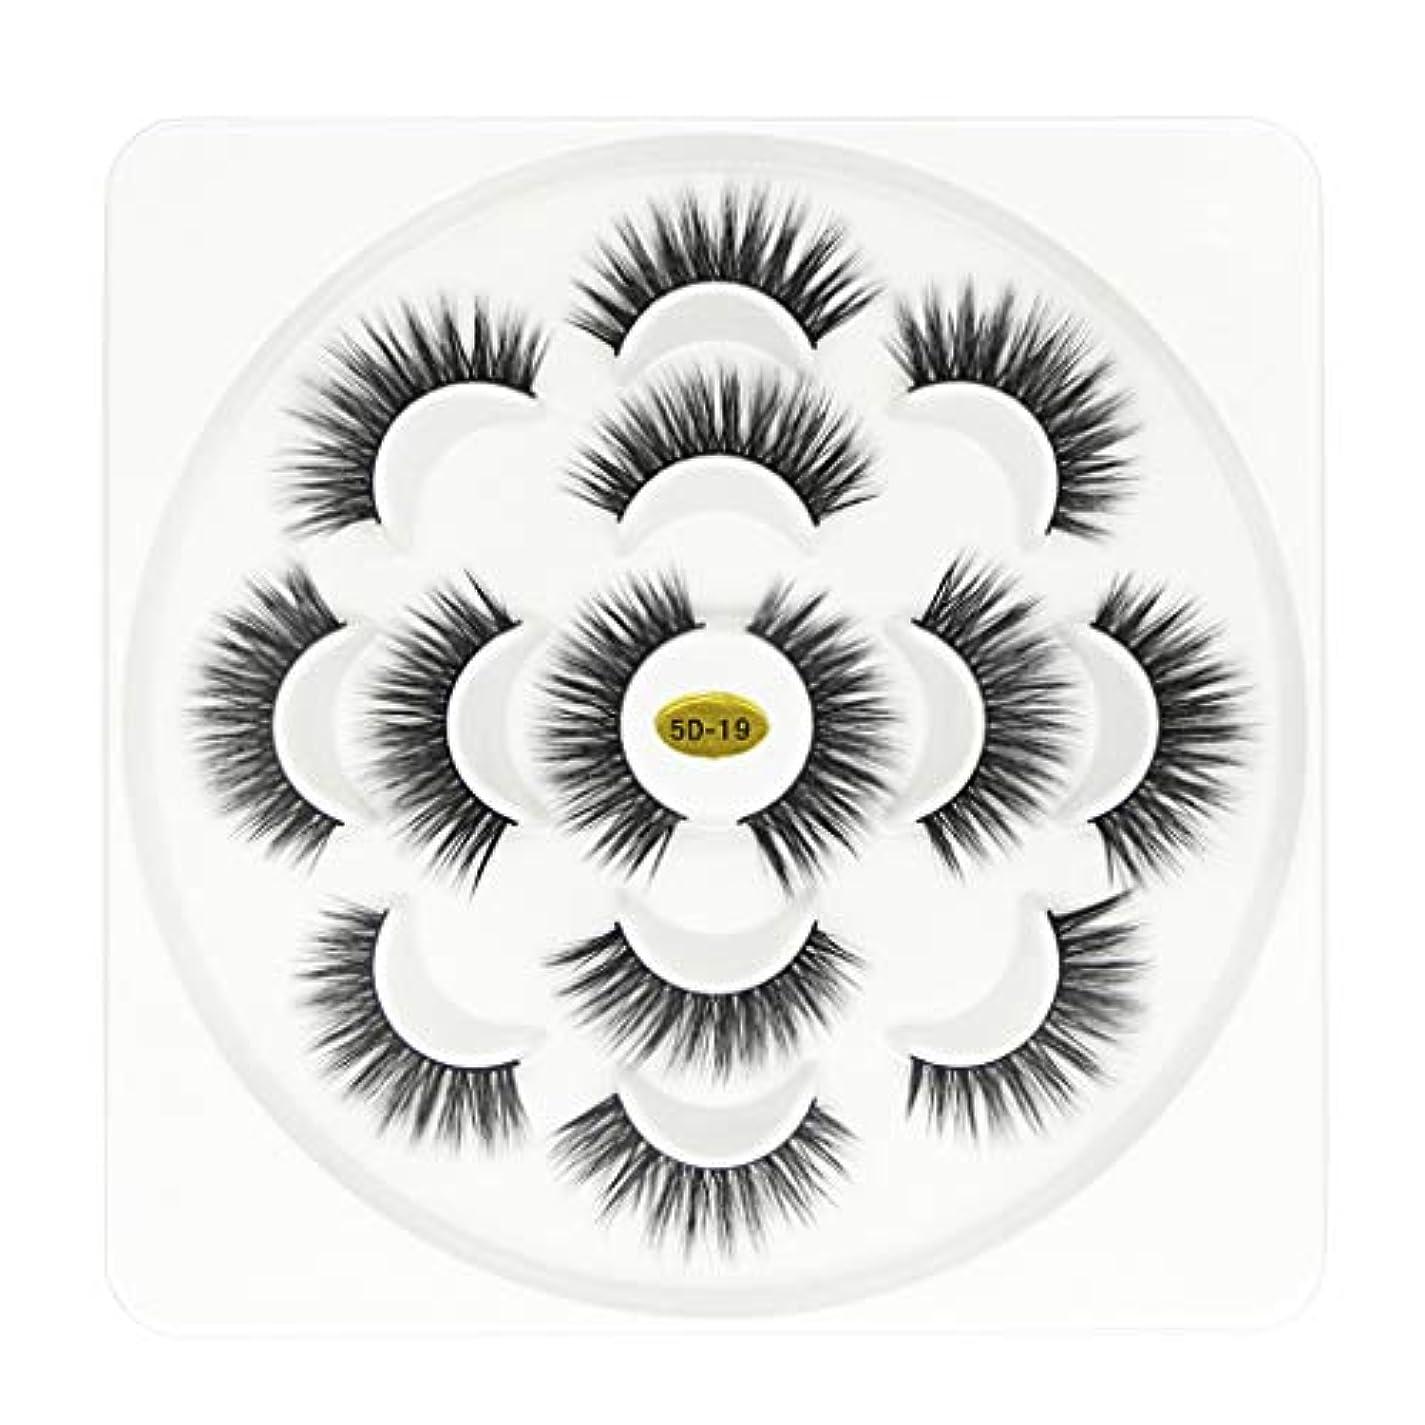 思い出させるアクチュエータカラスパーティー5Dつけまつげまつ毛ボリュームのあるまつげ7ペアメイクまつげ